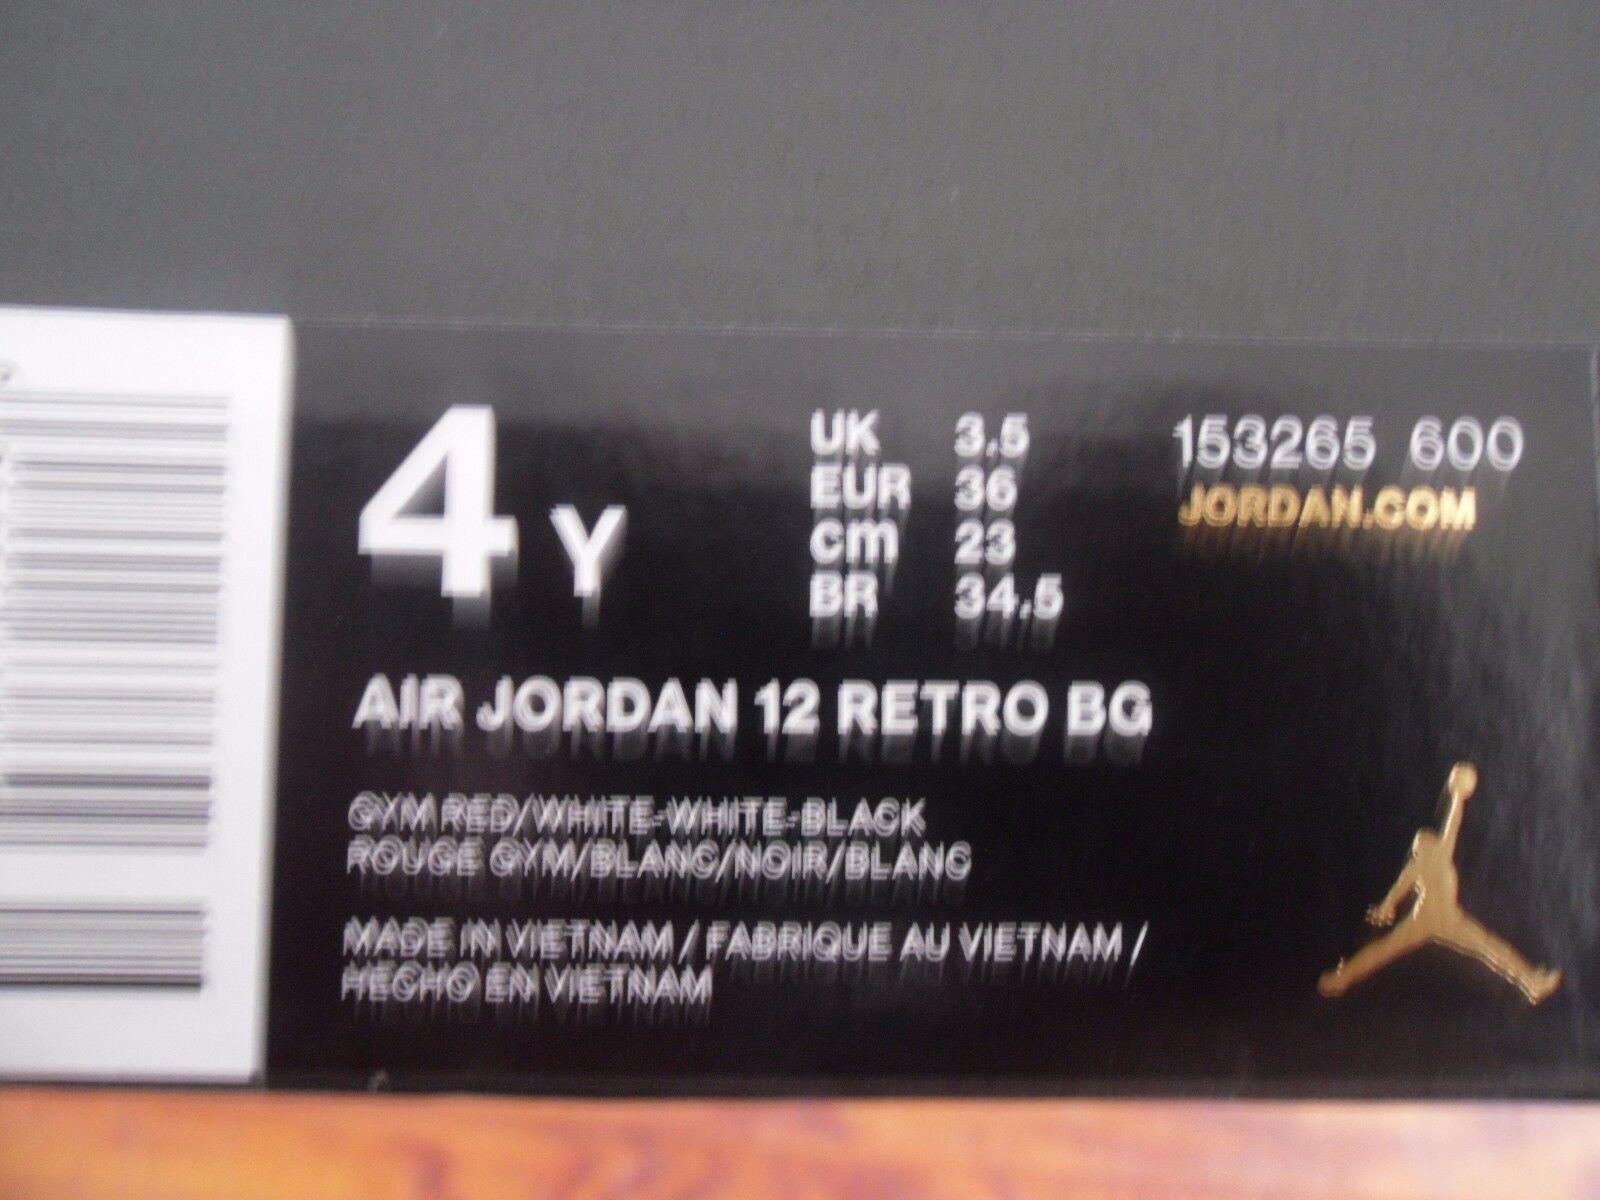 Nike Air Jordan 12 Retro (Bg) (Bg) (Bg) Rojo  alternativo  tamaño 4Y-Para Mujer Talla 5.5 278baf